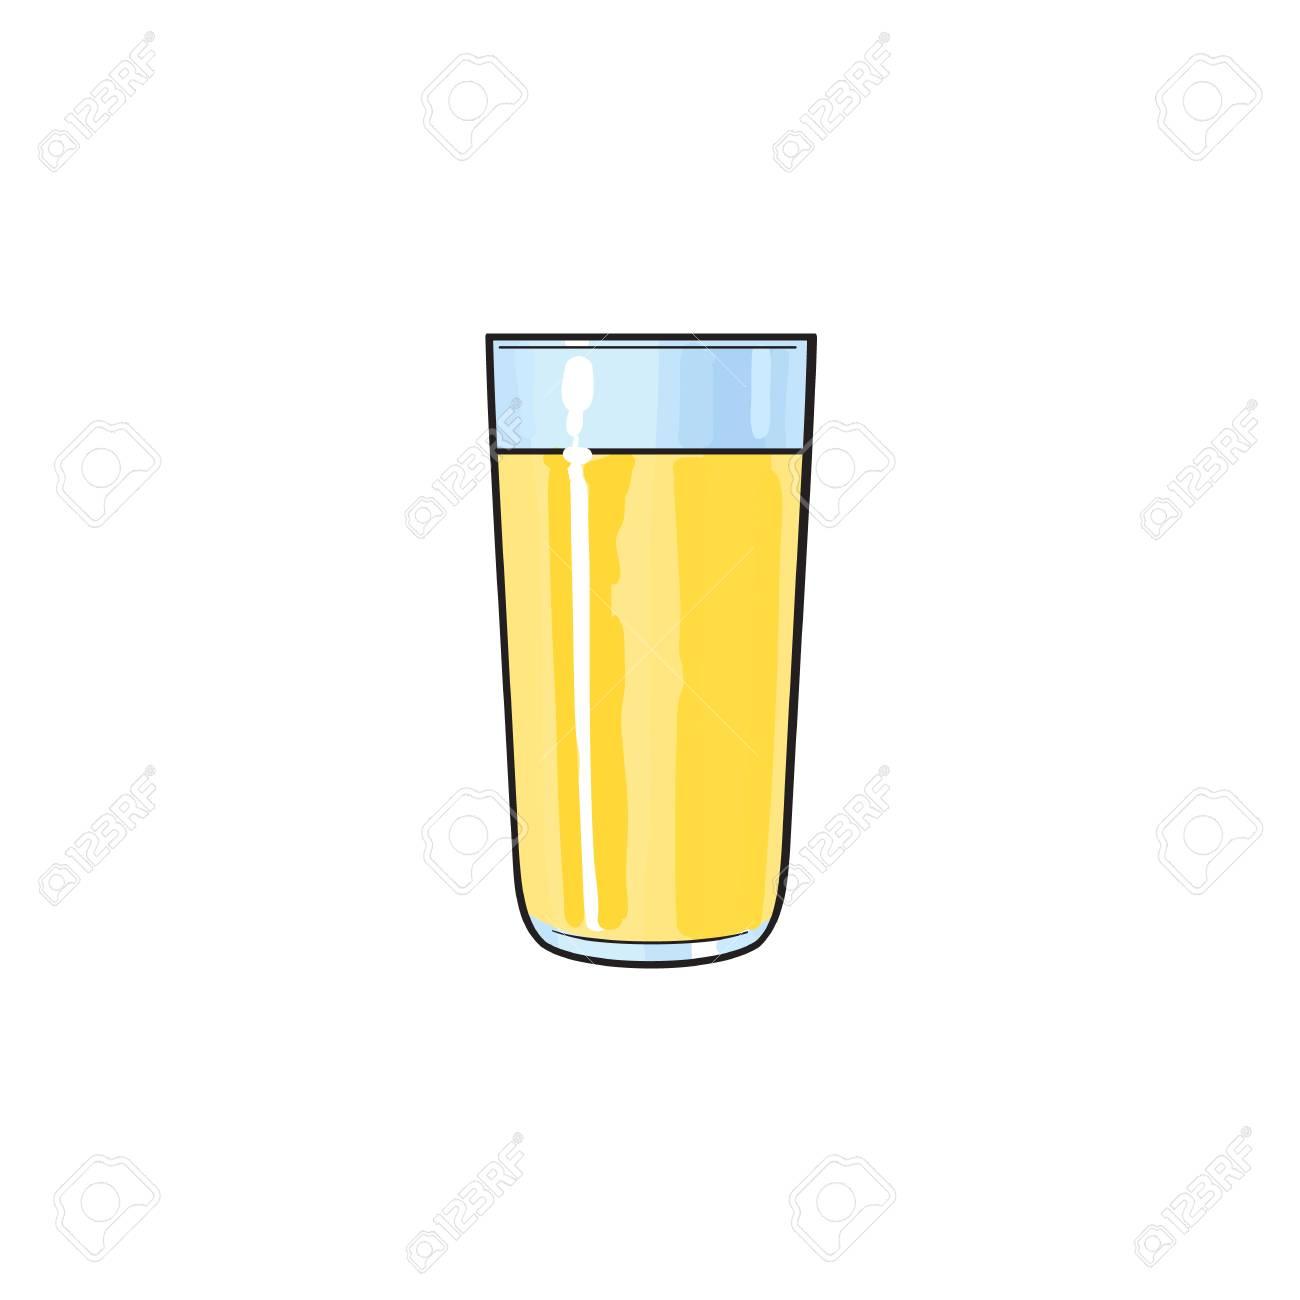 Tasse En Verre De Dessin Animé De Vecteur De Jus De Fruits Frais De Citron Illustration Isolée Sur Un Fond Blanc Boisson Gazeuse Image